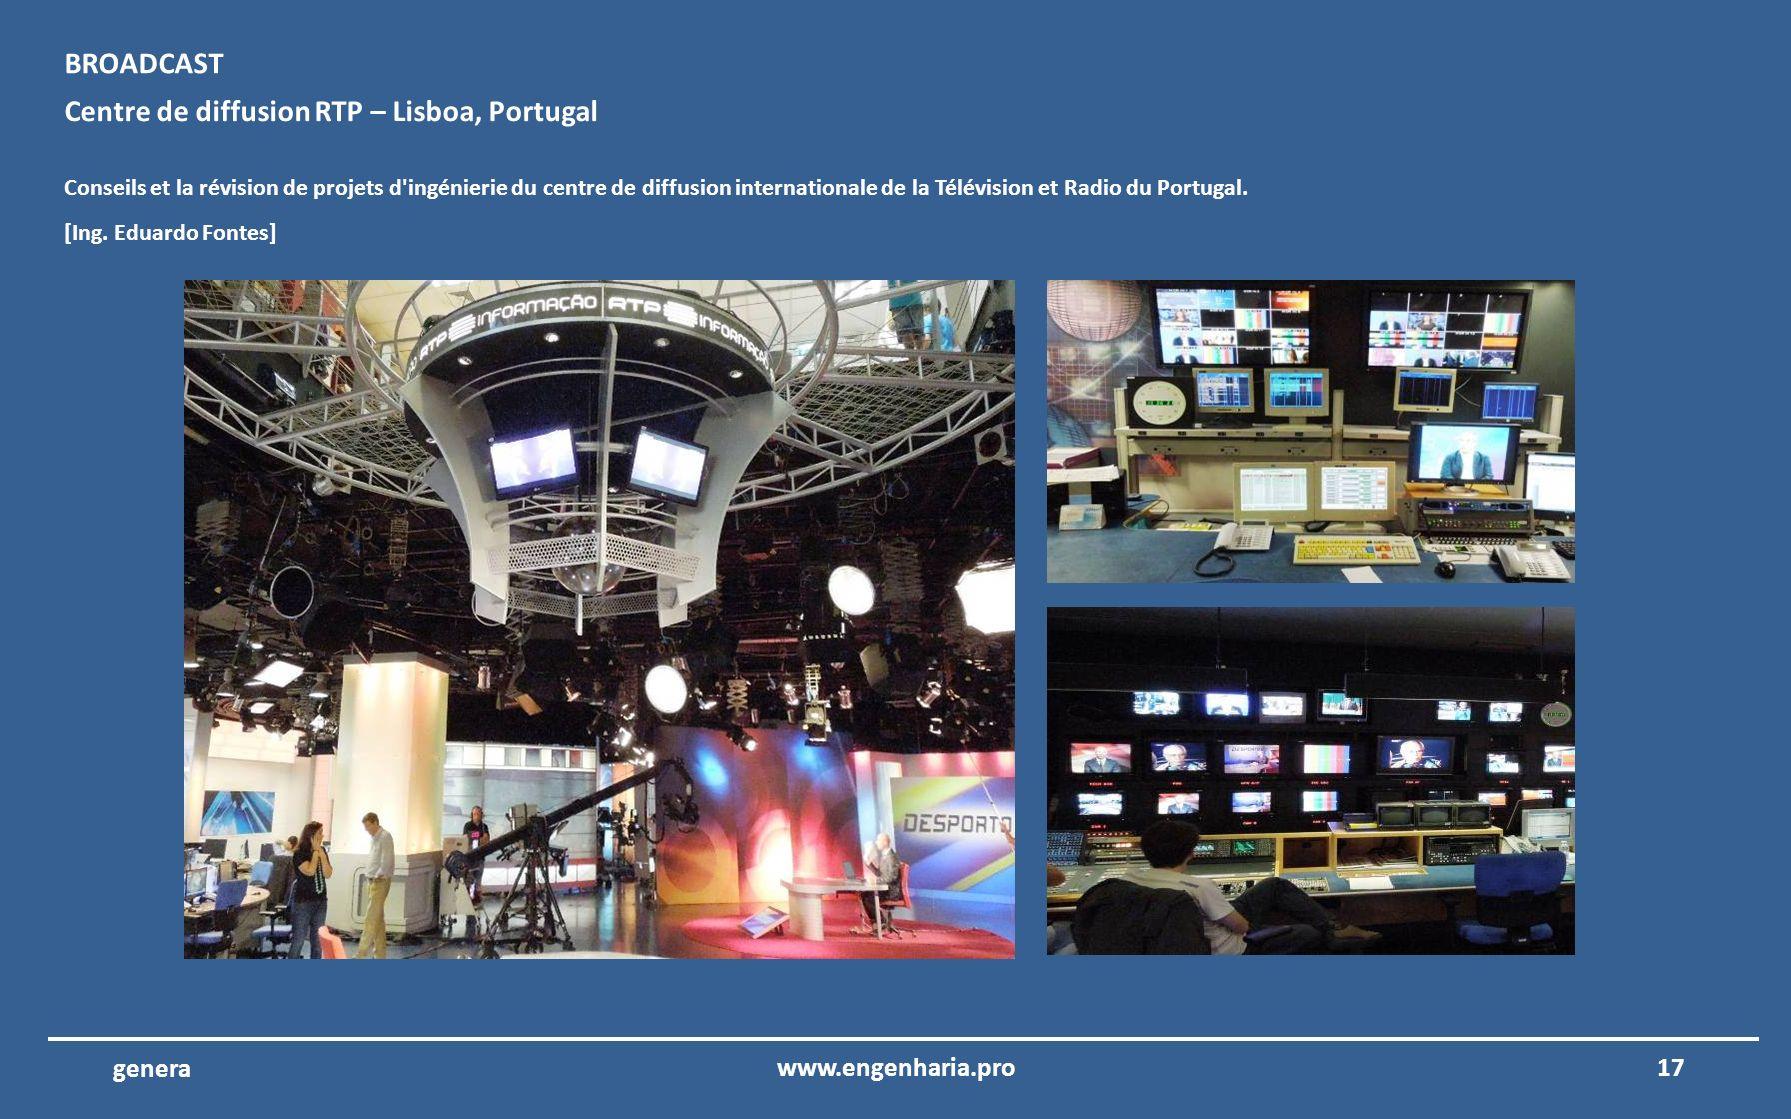 Centre de diffusion RTP – Lisboa, Portugal